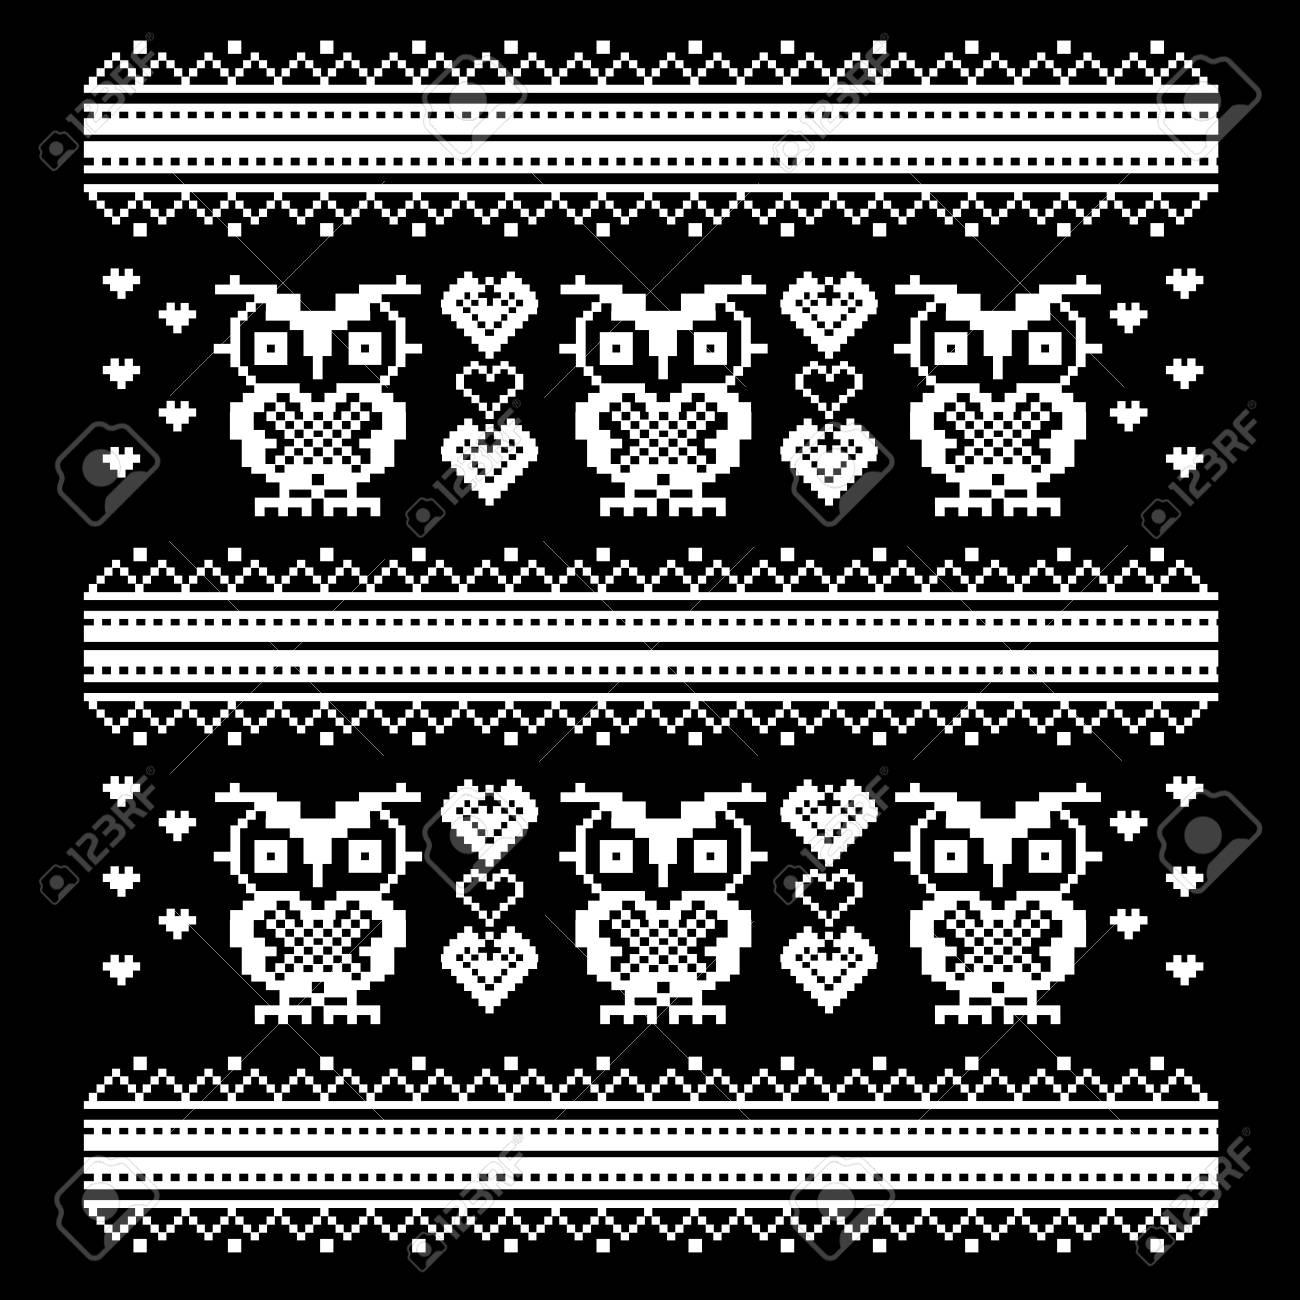 Ornement Avec Hibou Et Coeur Modèle De Pixel Art Oiseaux Point De Croix Schéma De Tricot Et De Broderie Modèle De Vecteur